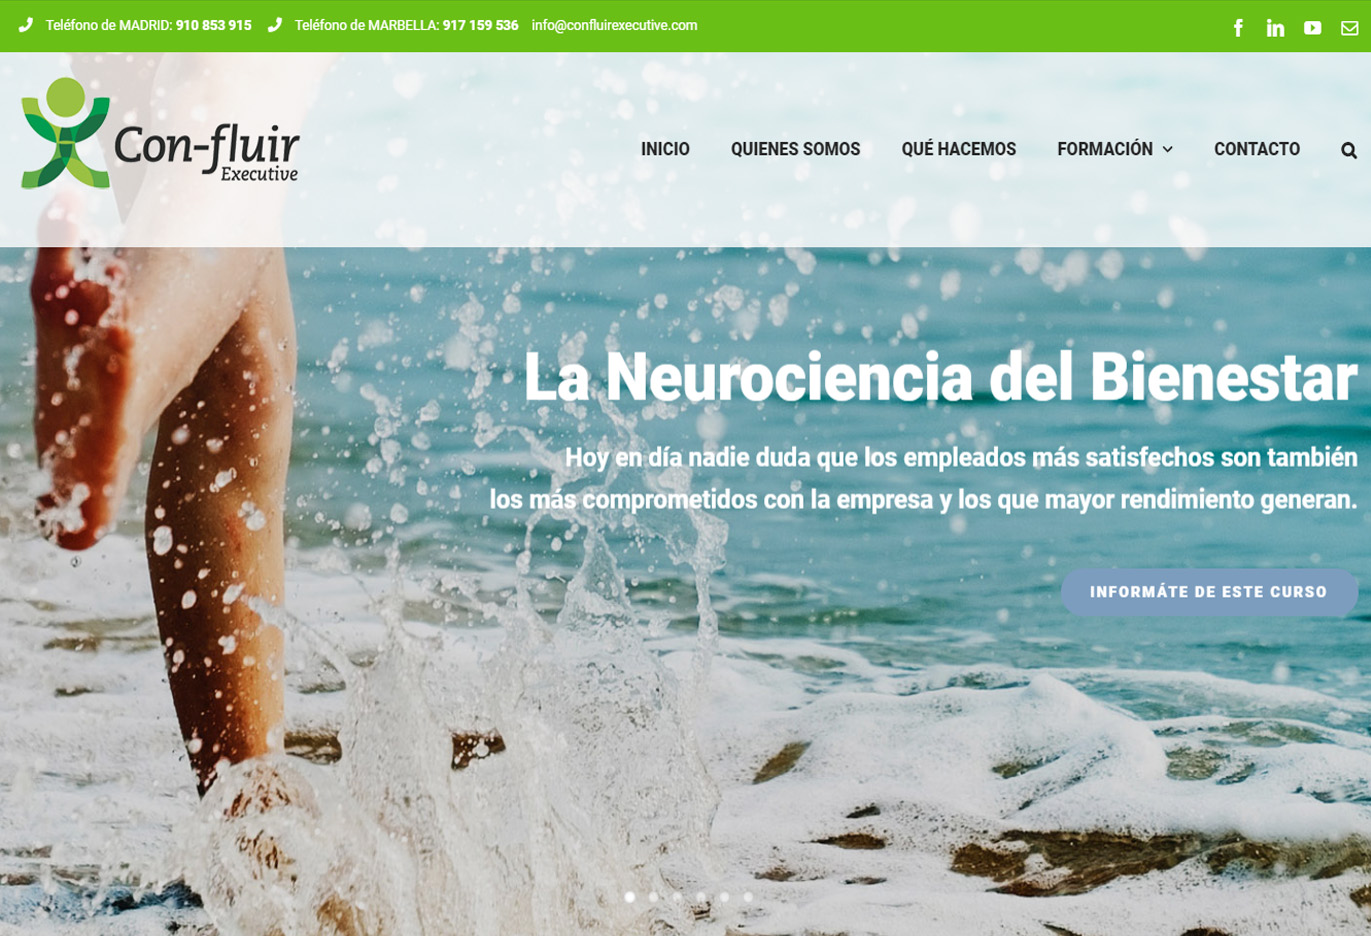 Con-fluir: La neurociencia del Bienestar